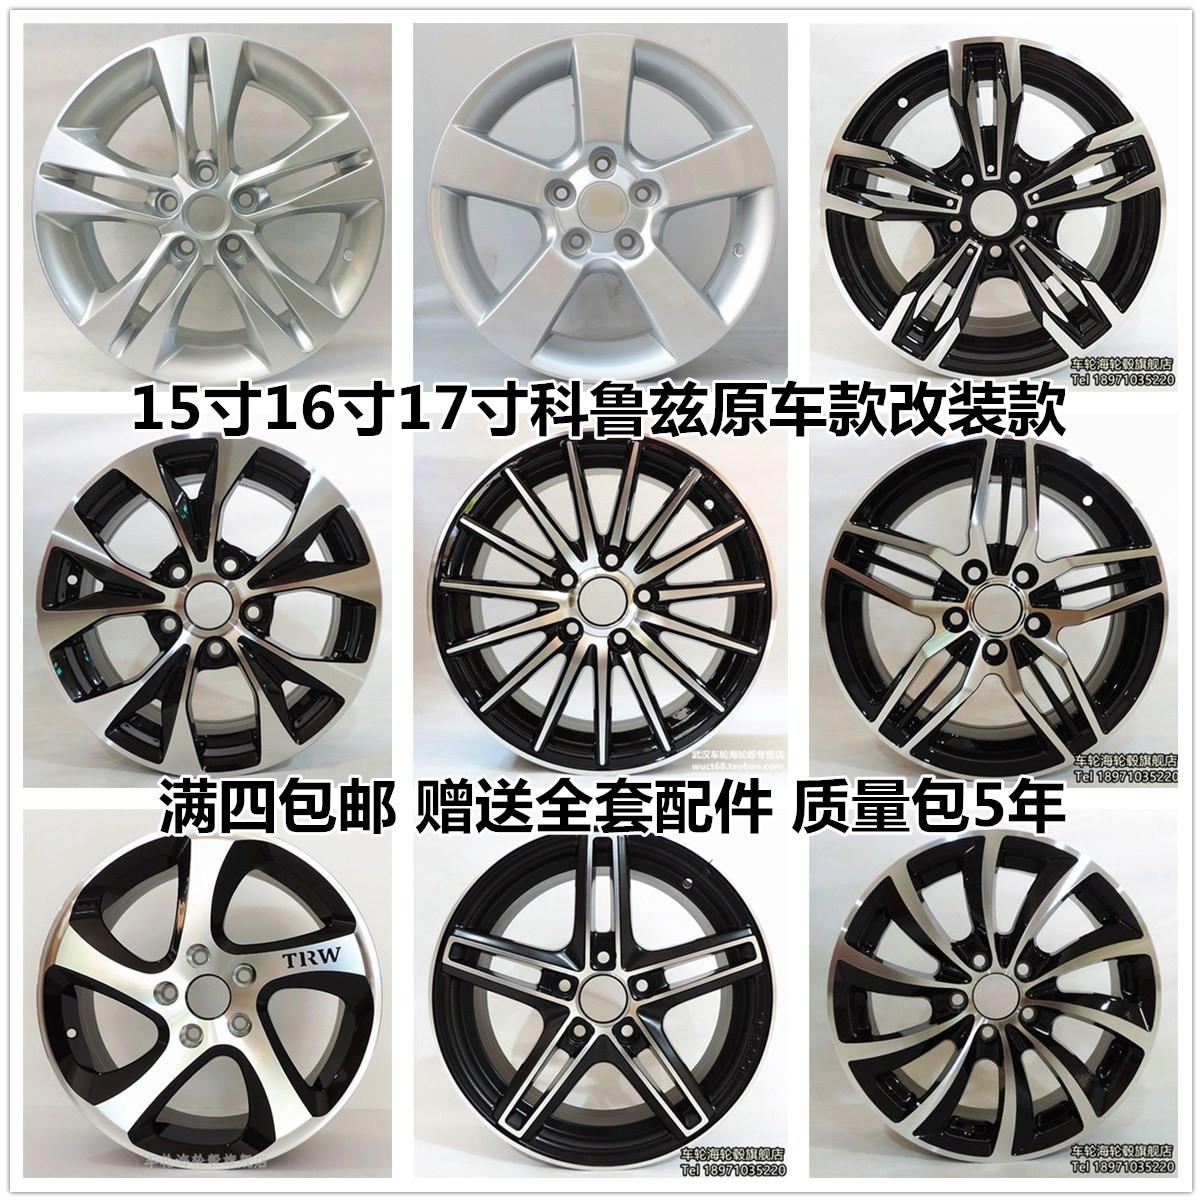 15 дюймовый chevrolet Cruze магнит колесо 16 дюймовый 17 дюймовый семья плодородный при этом колесо эксель престиж яркий ремонт колесо